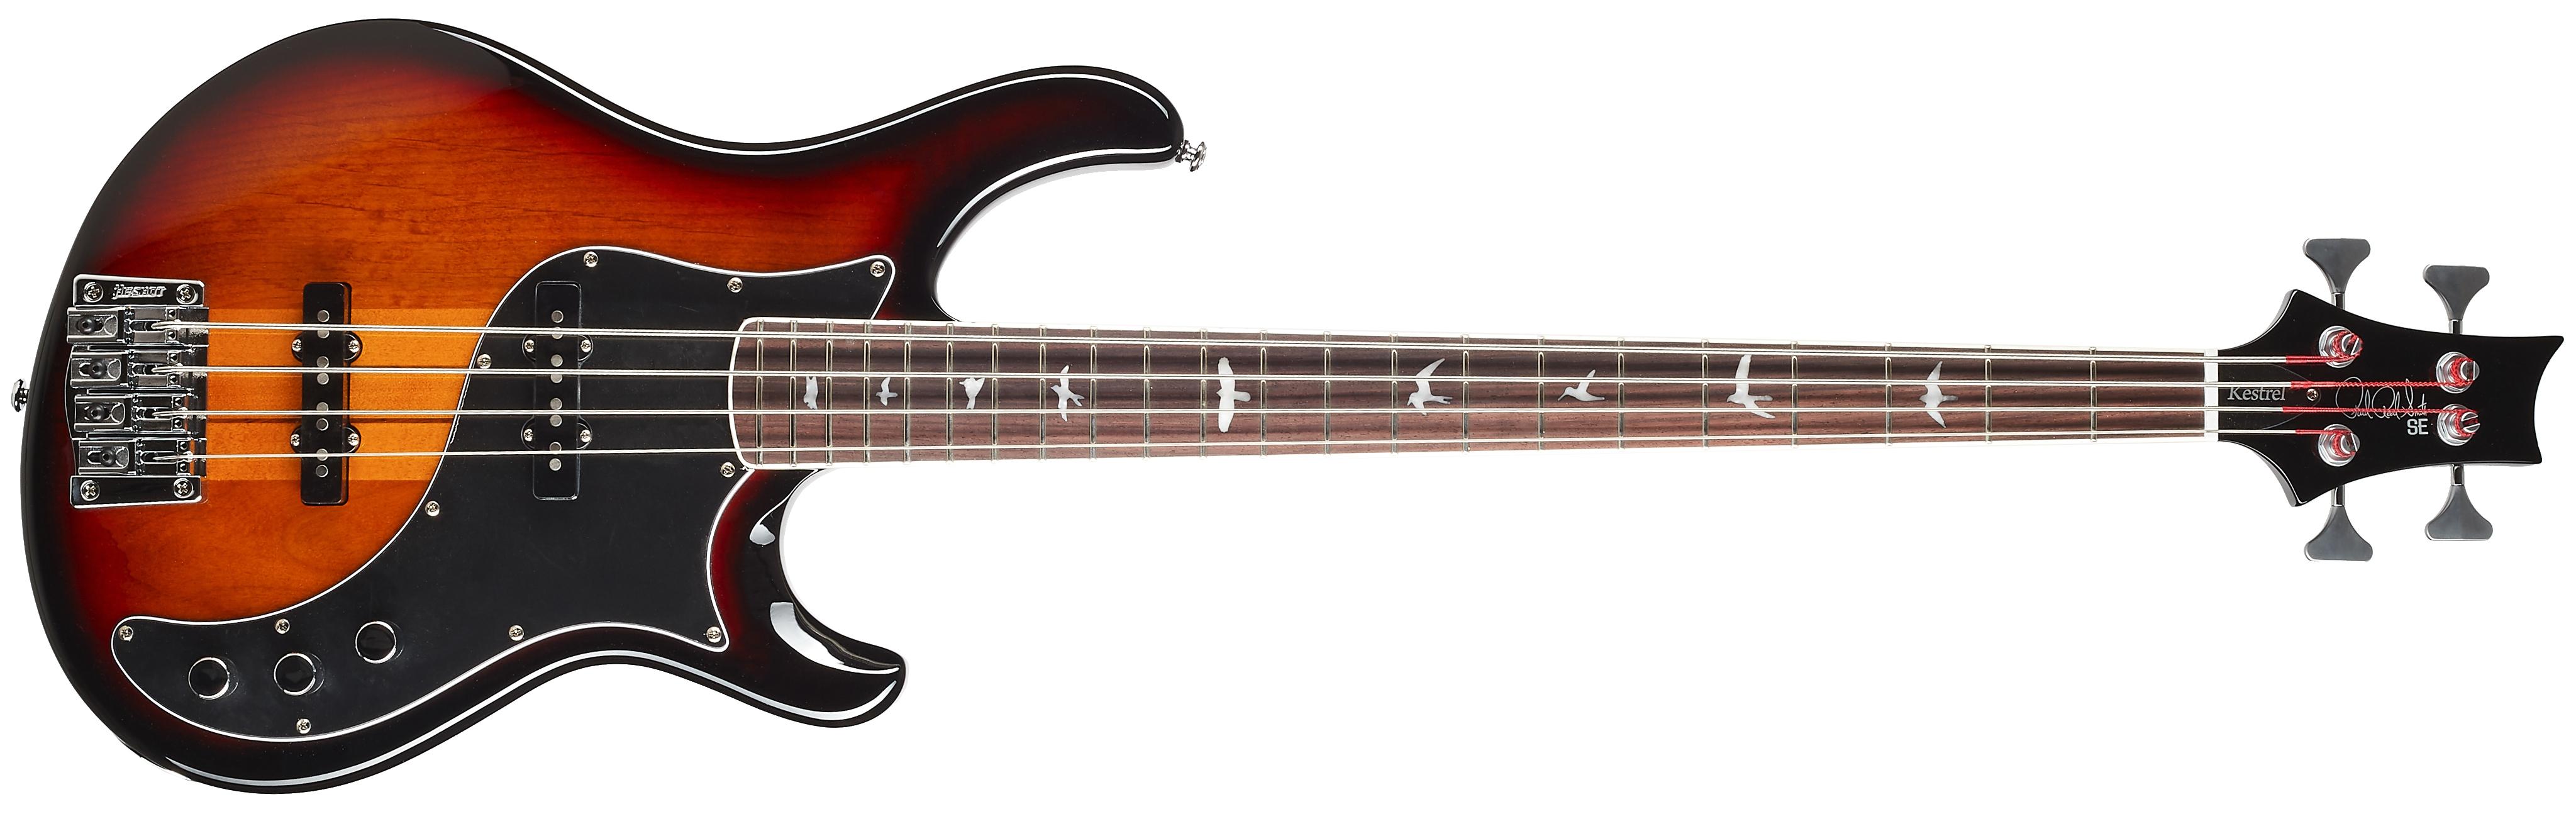 PRS Kestrel Bass TC